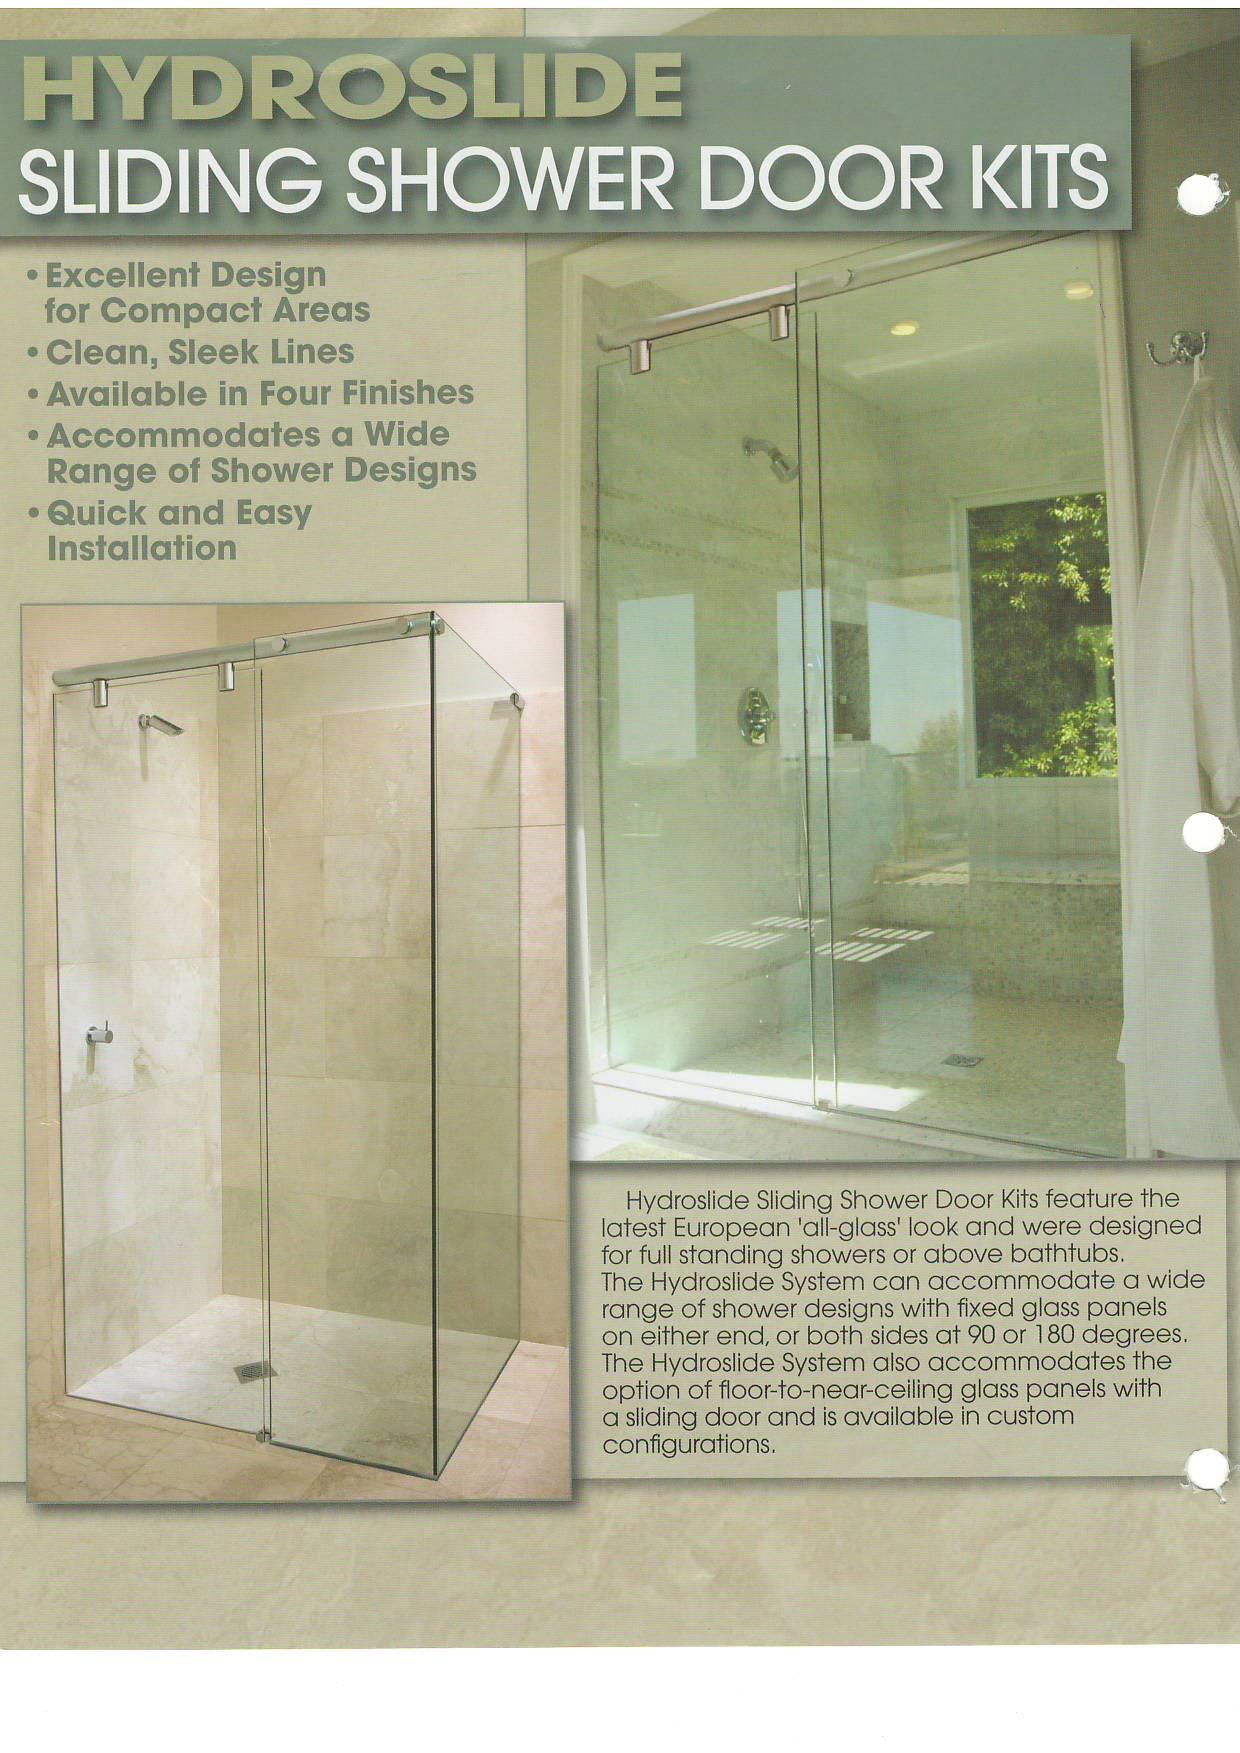 supreme shower screens built in wardrobes 17 jade drive hydroslide pdf pdf hydroslide sliding shower